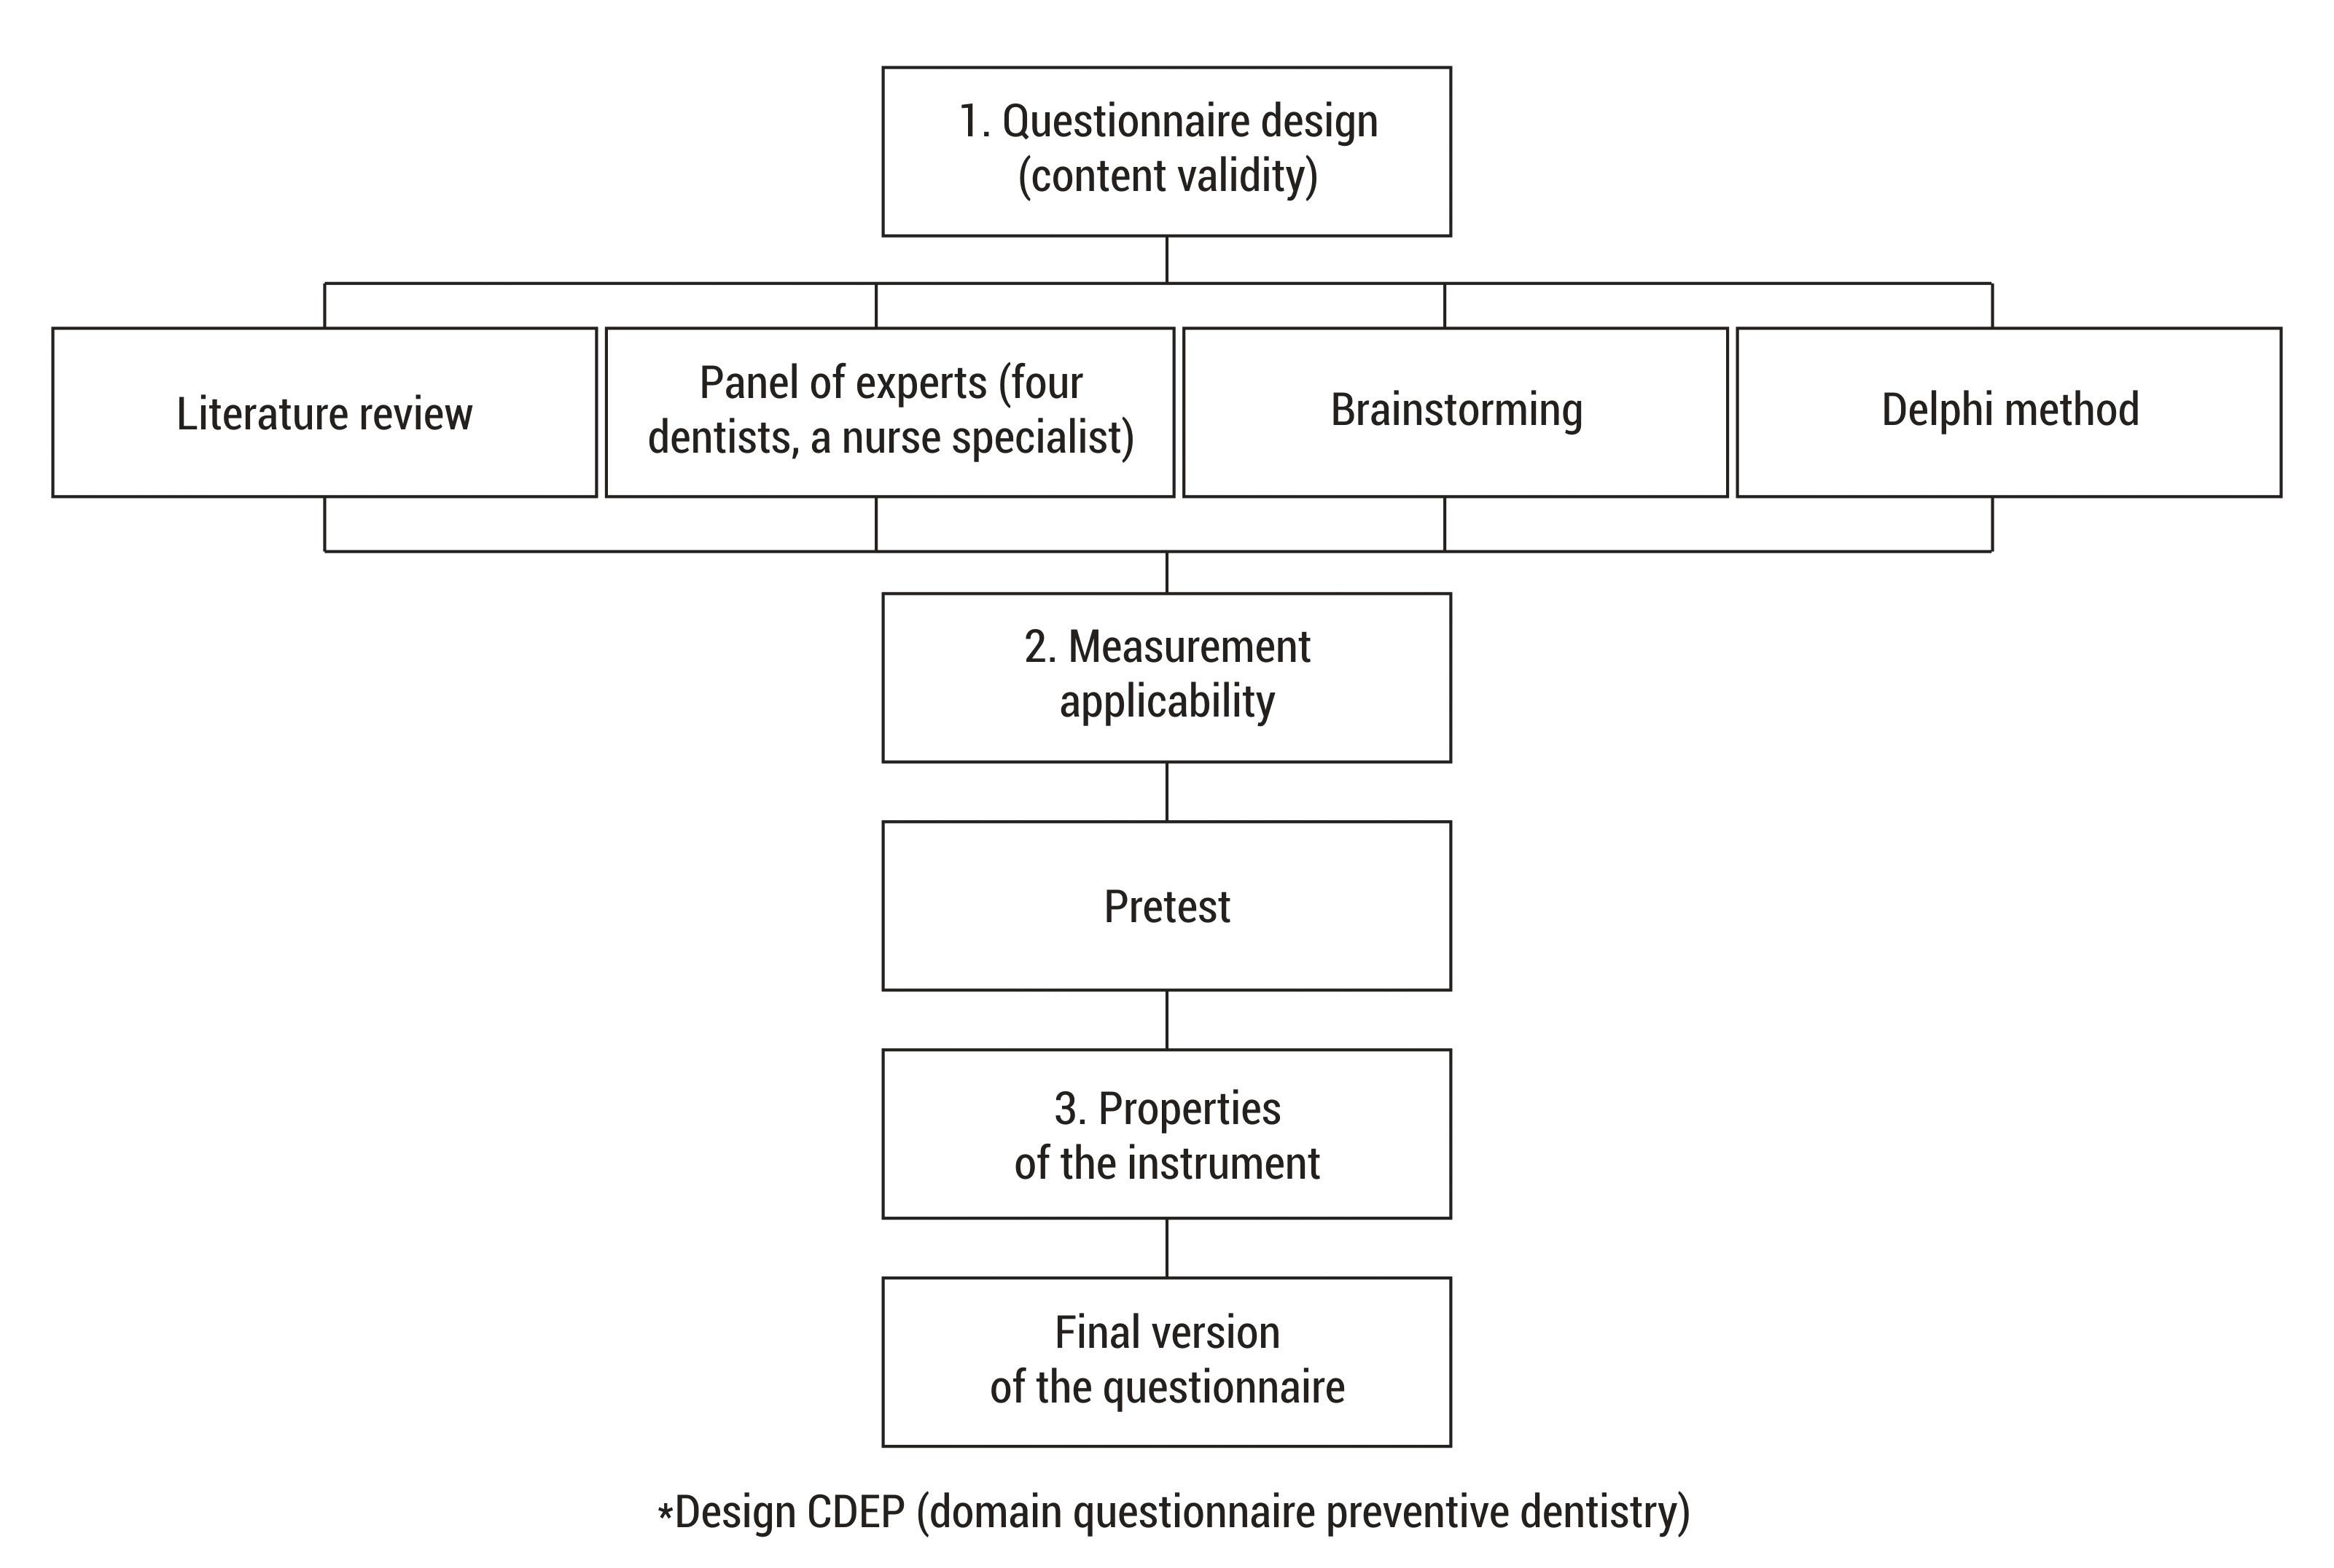 Jimenez baez diagrama de flujo de la validacin del cuestionario ccuart Image collections